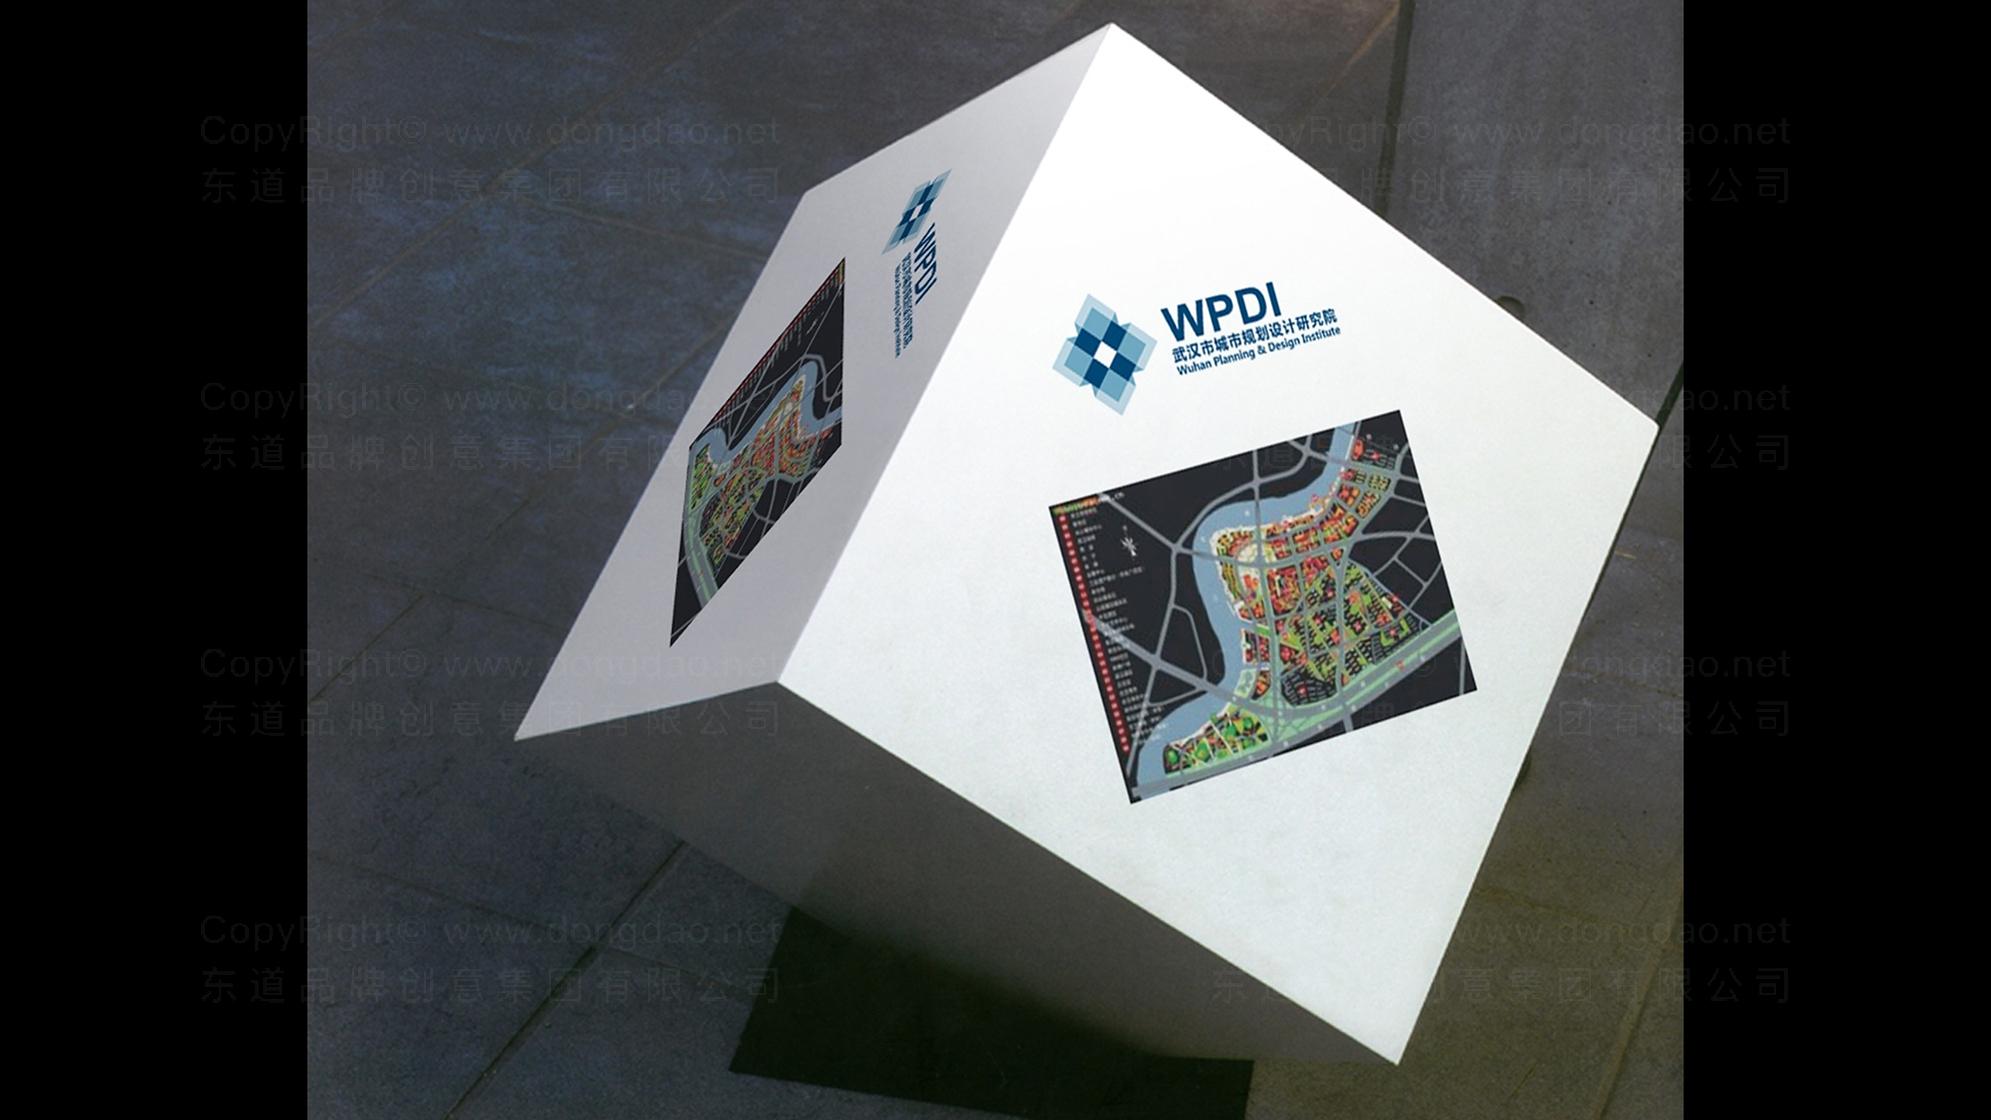 品牌设计武汉城市规划研究院LOGO&VI设计应用场景_6